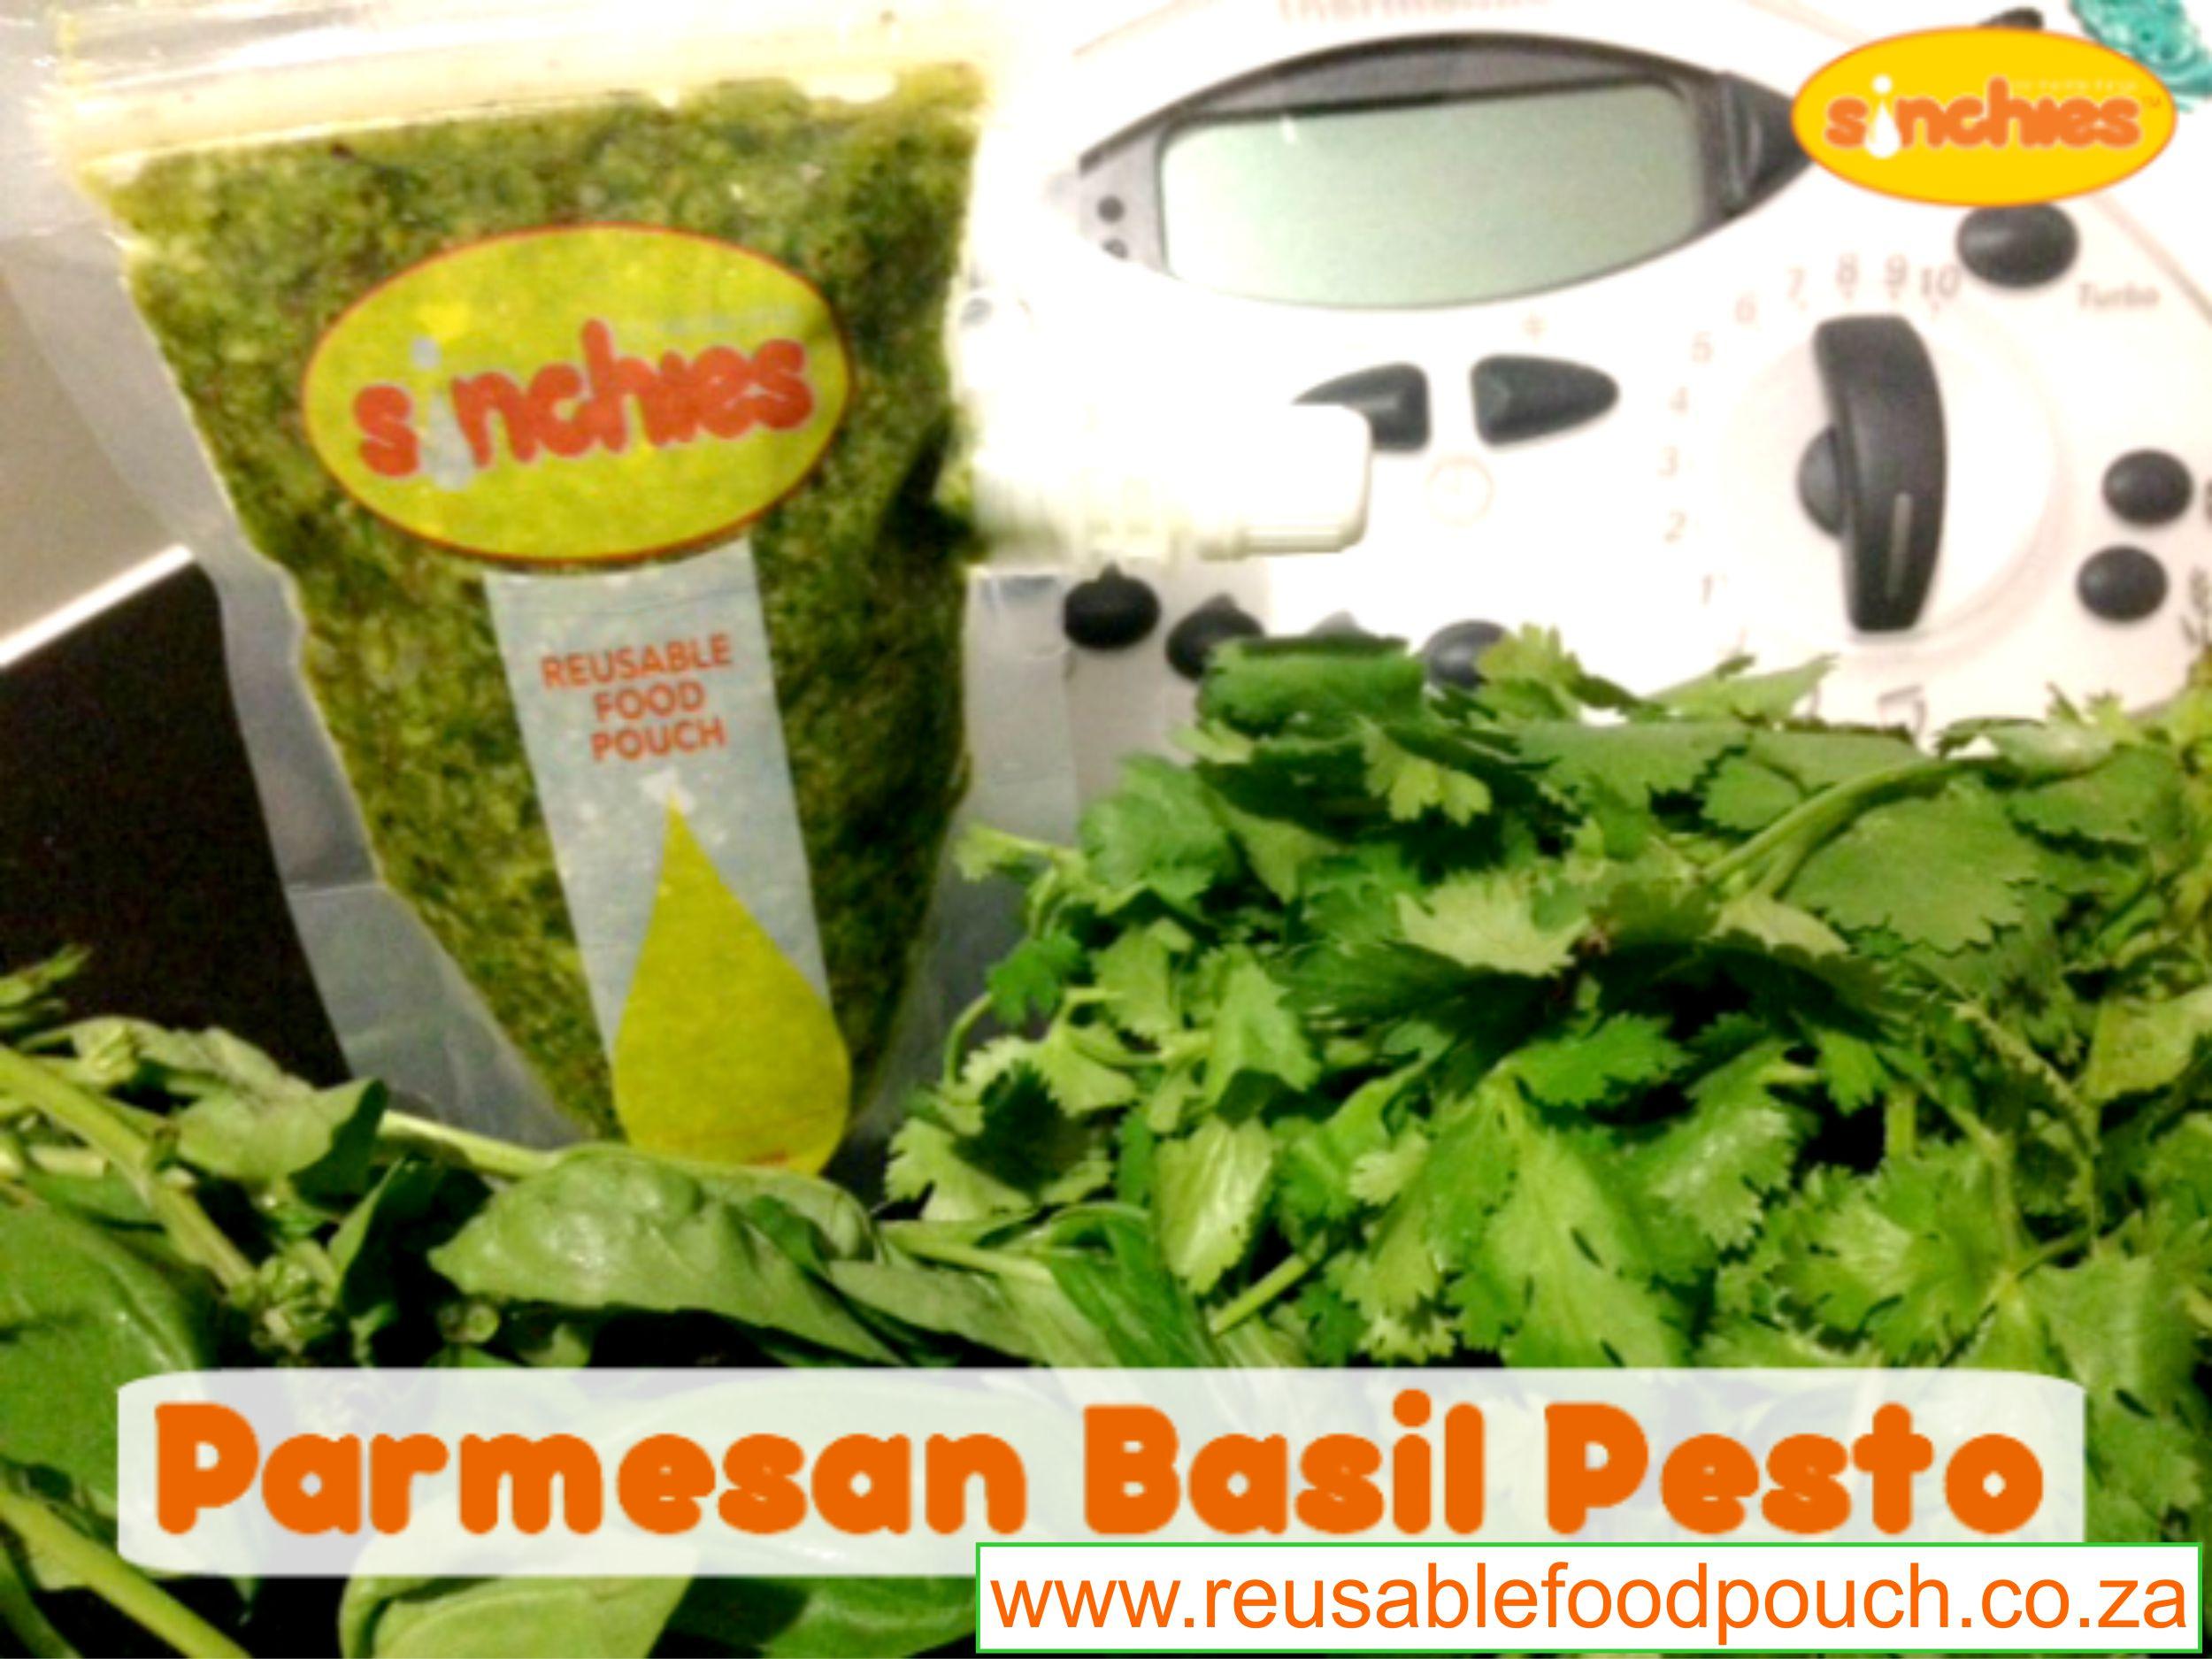 Parmesan Bazil Pesto